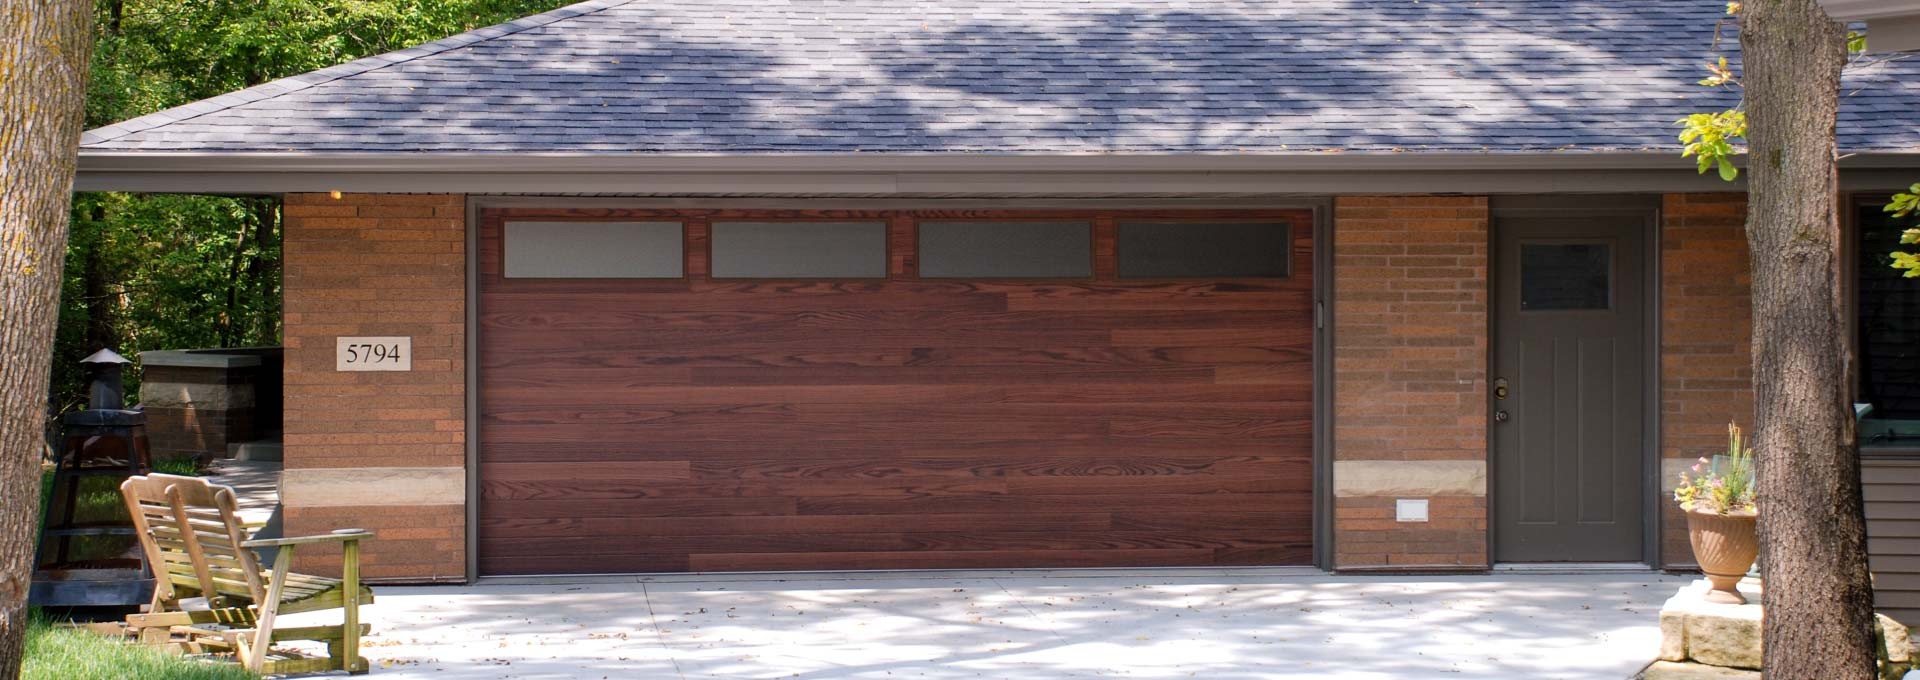 Garage Doors With Windows Styles : Garage door window styles cedar rapids iowa city